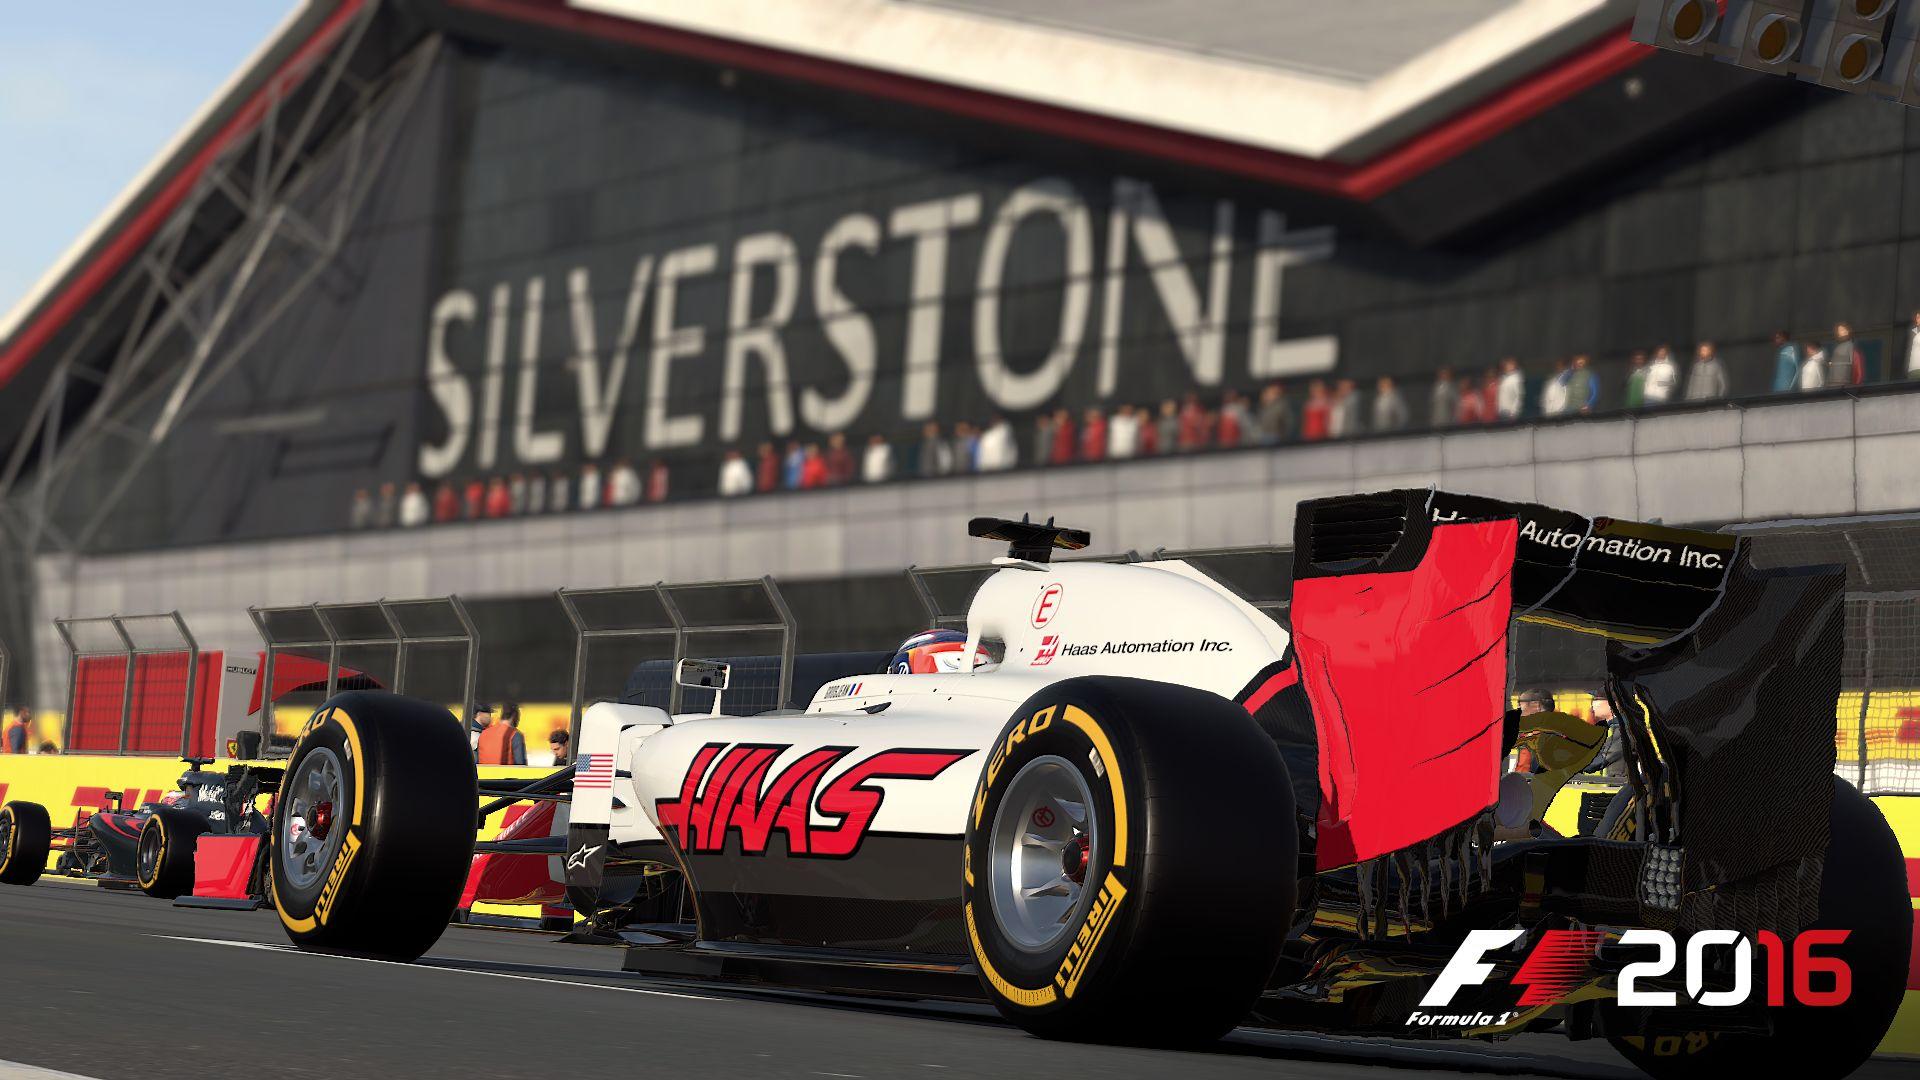 F1 2016 - новая часть гоночной франшизы о formula one